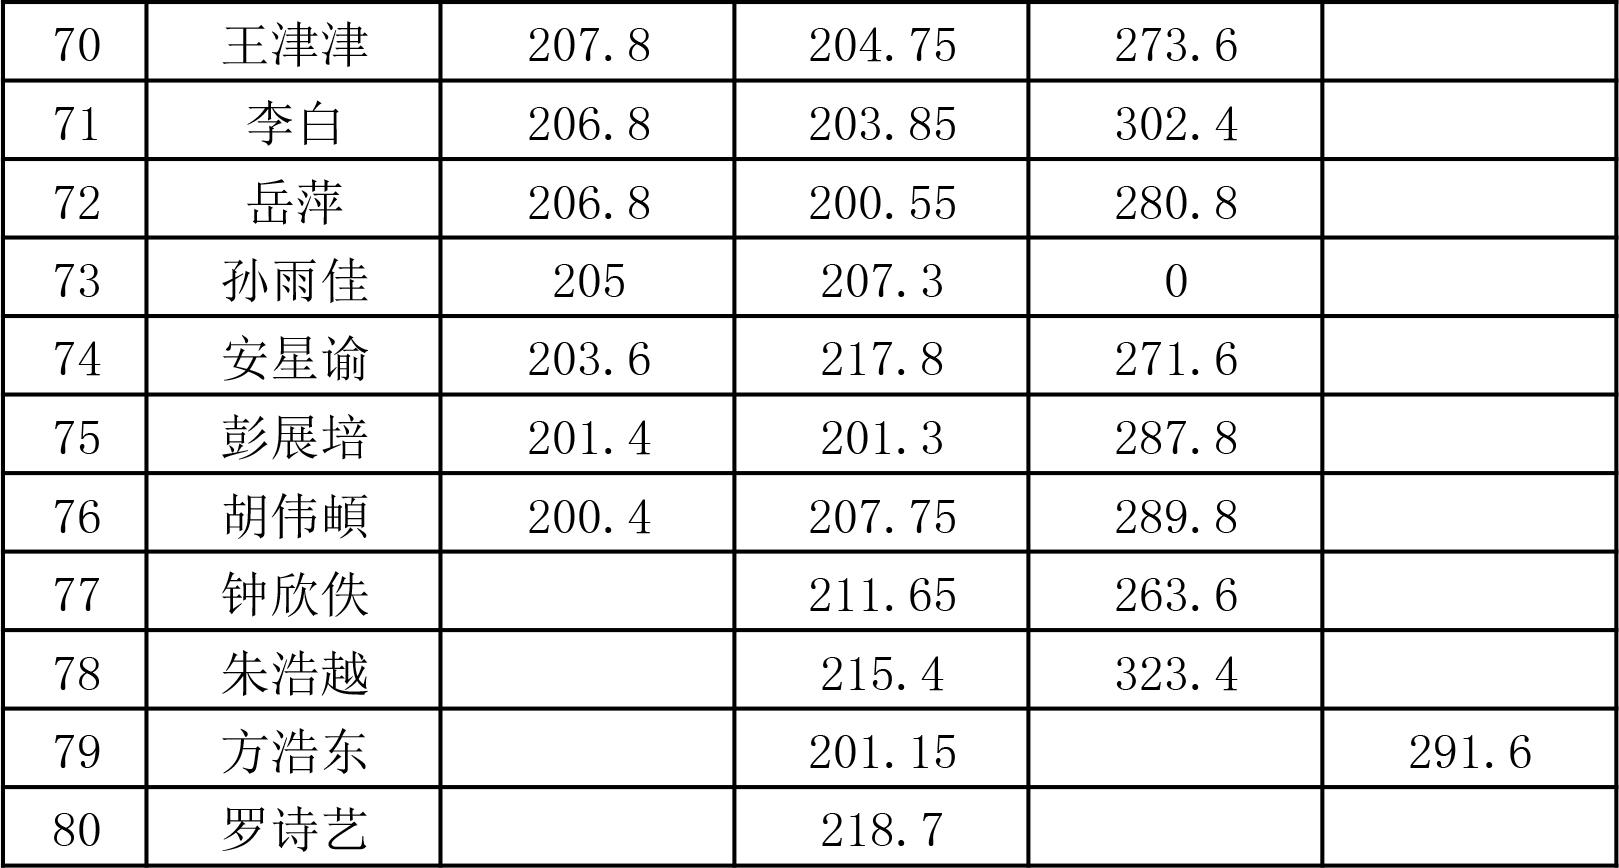 传媒部2019-2020届联考成绩统计表-5